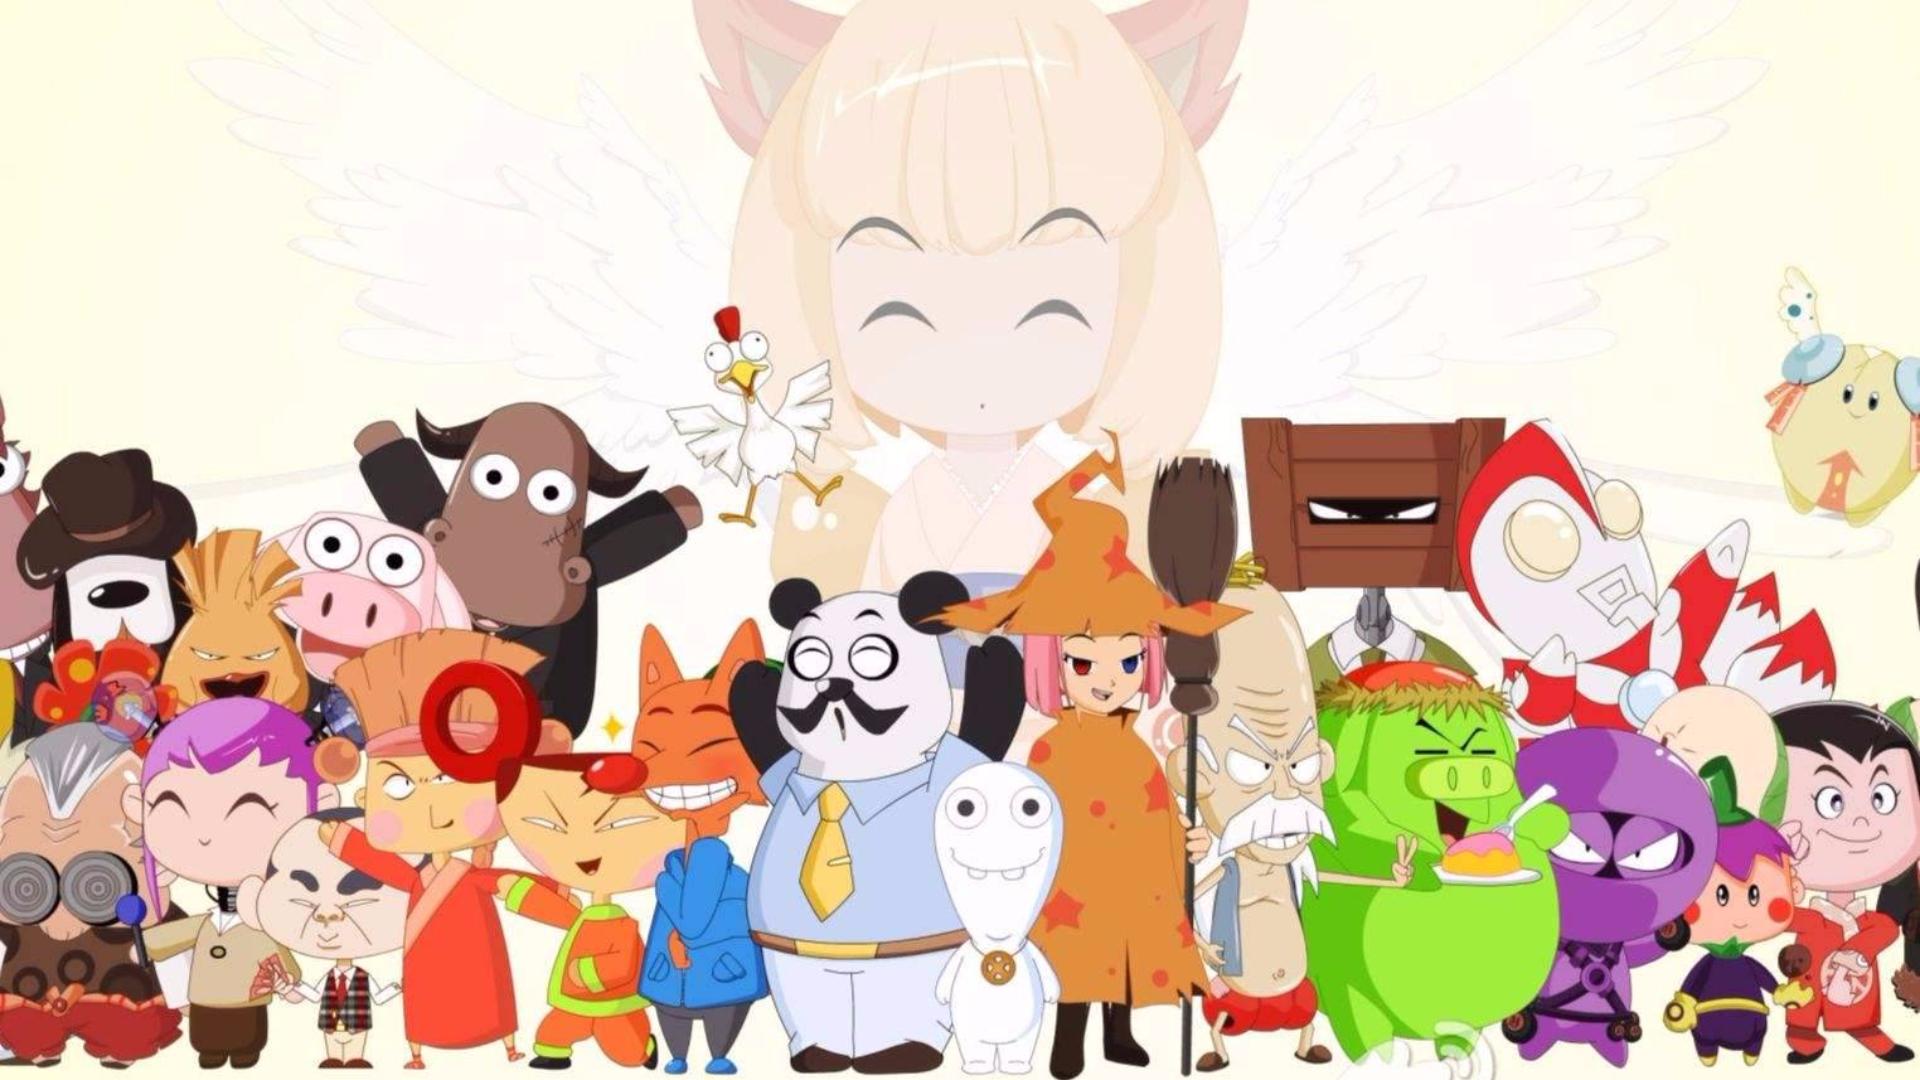 11年玩梗最多的动画,幸福小镇它真的幸福吗?